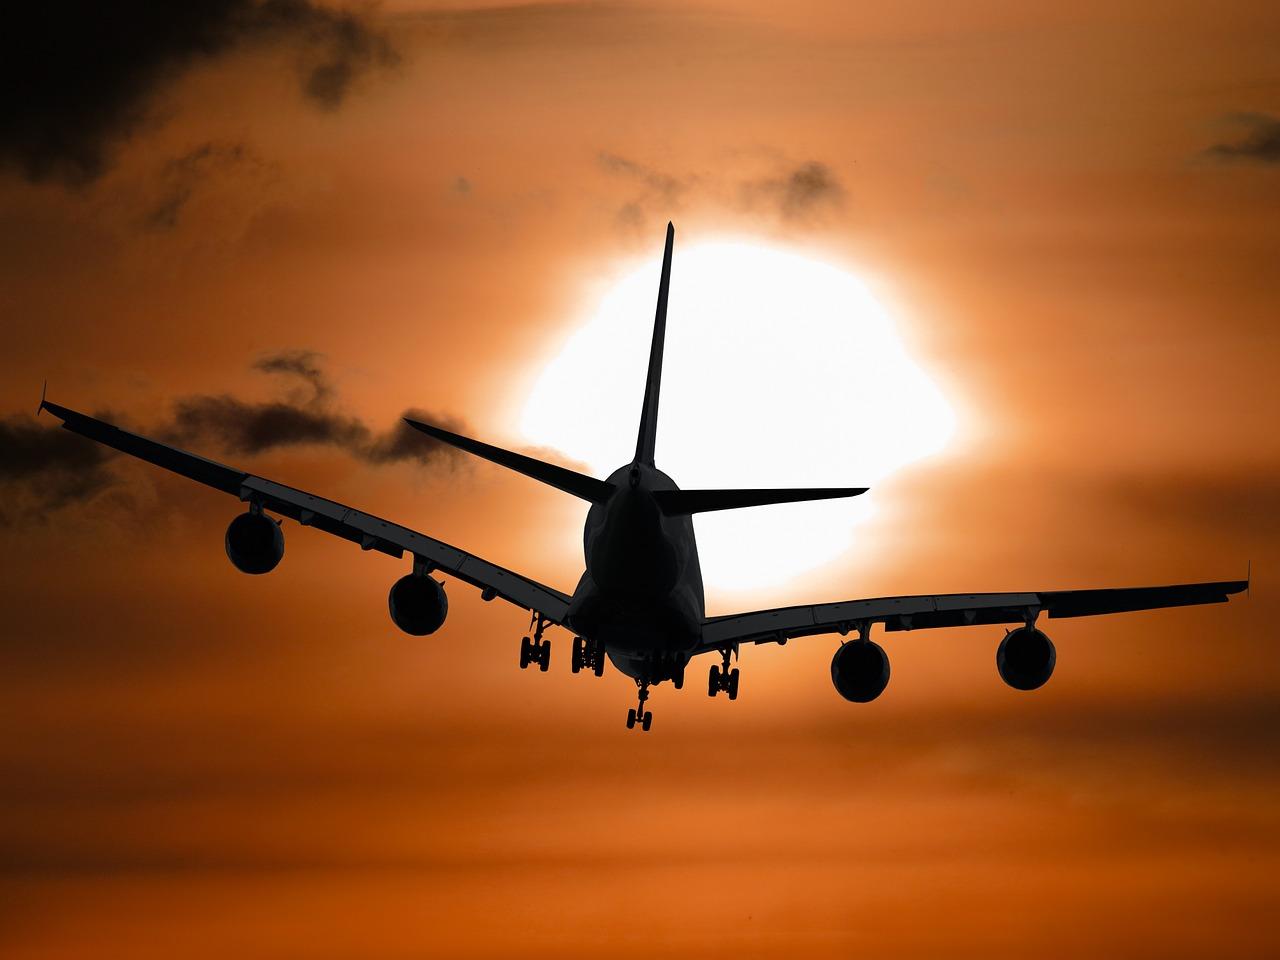 Flugzeug fliegt im Abendrot zum Reiseziel